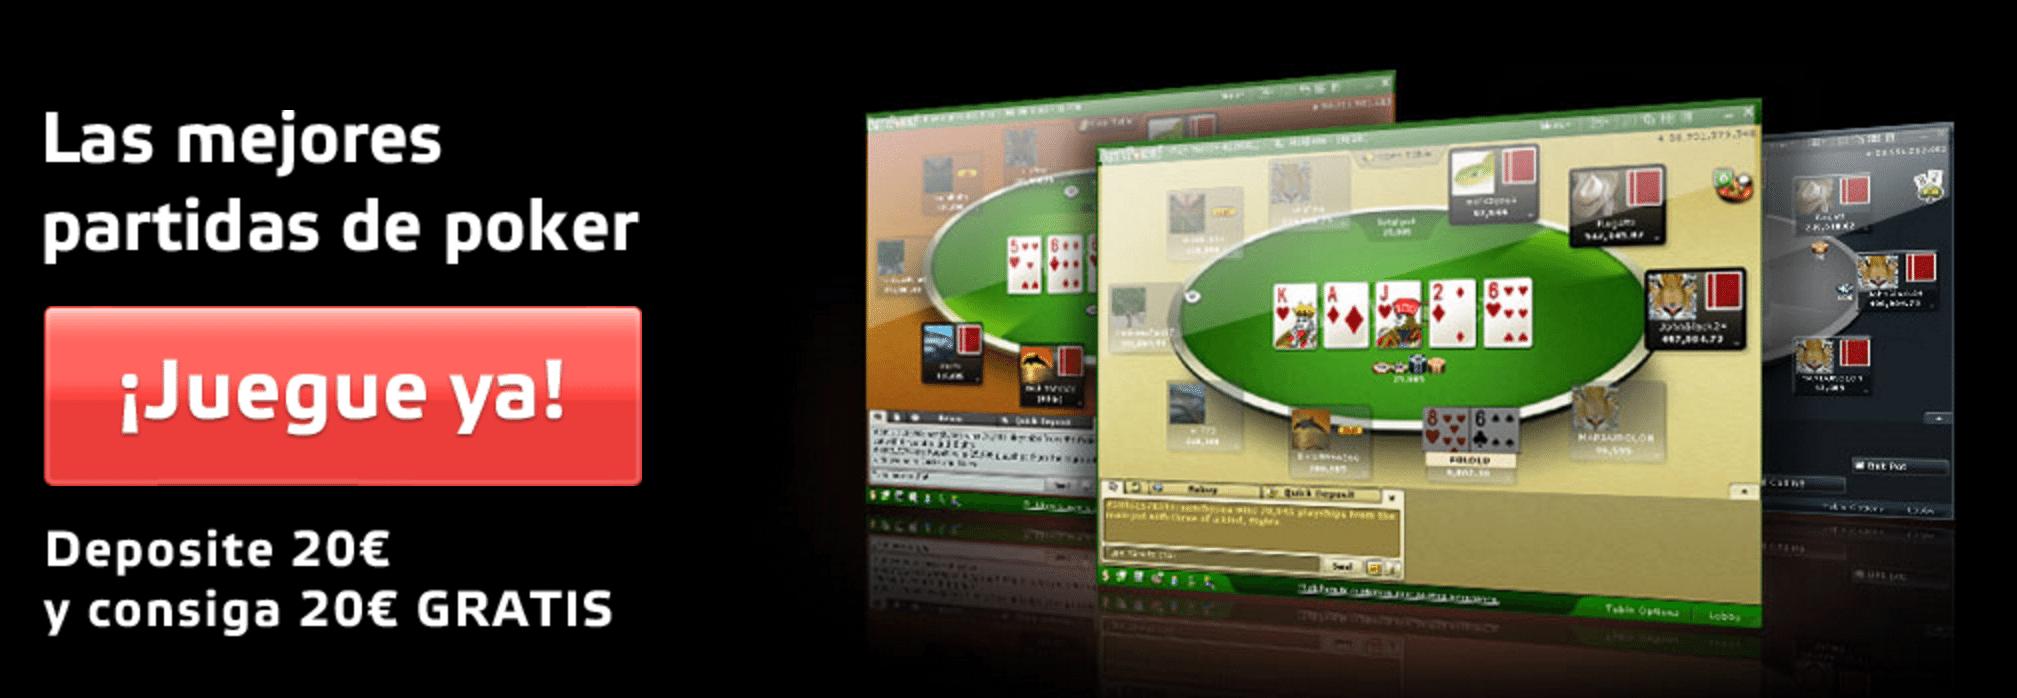 PalaceofChance com mejores salas de poker online 2019-142669